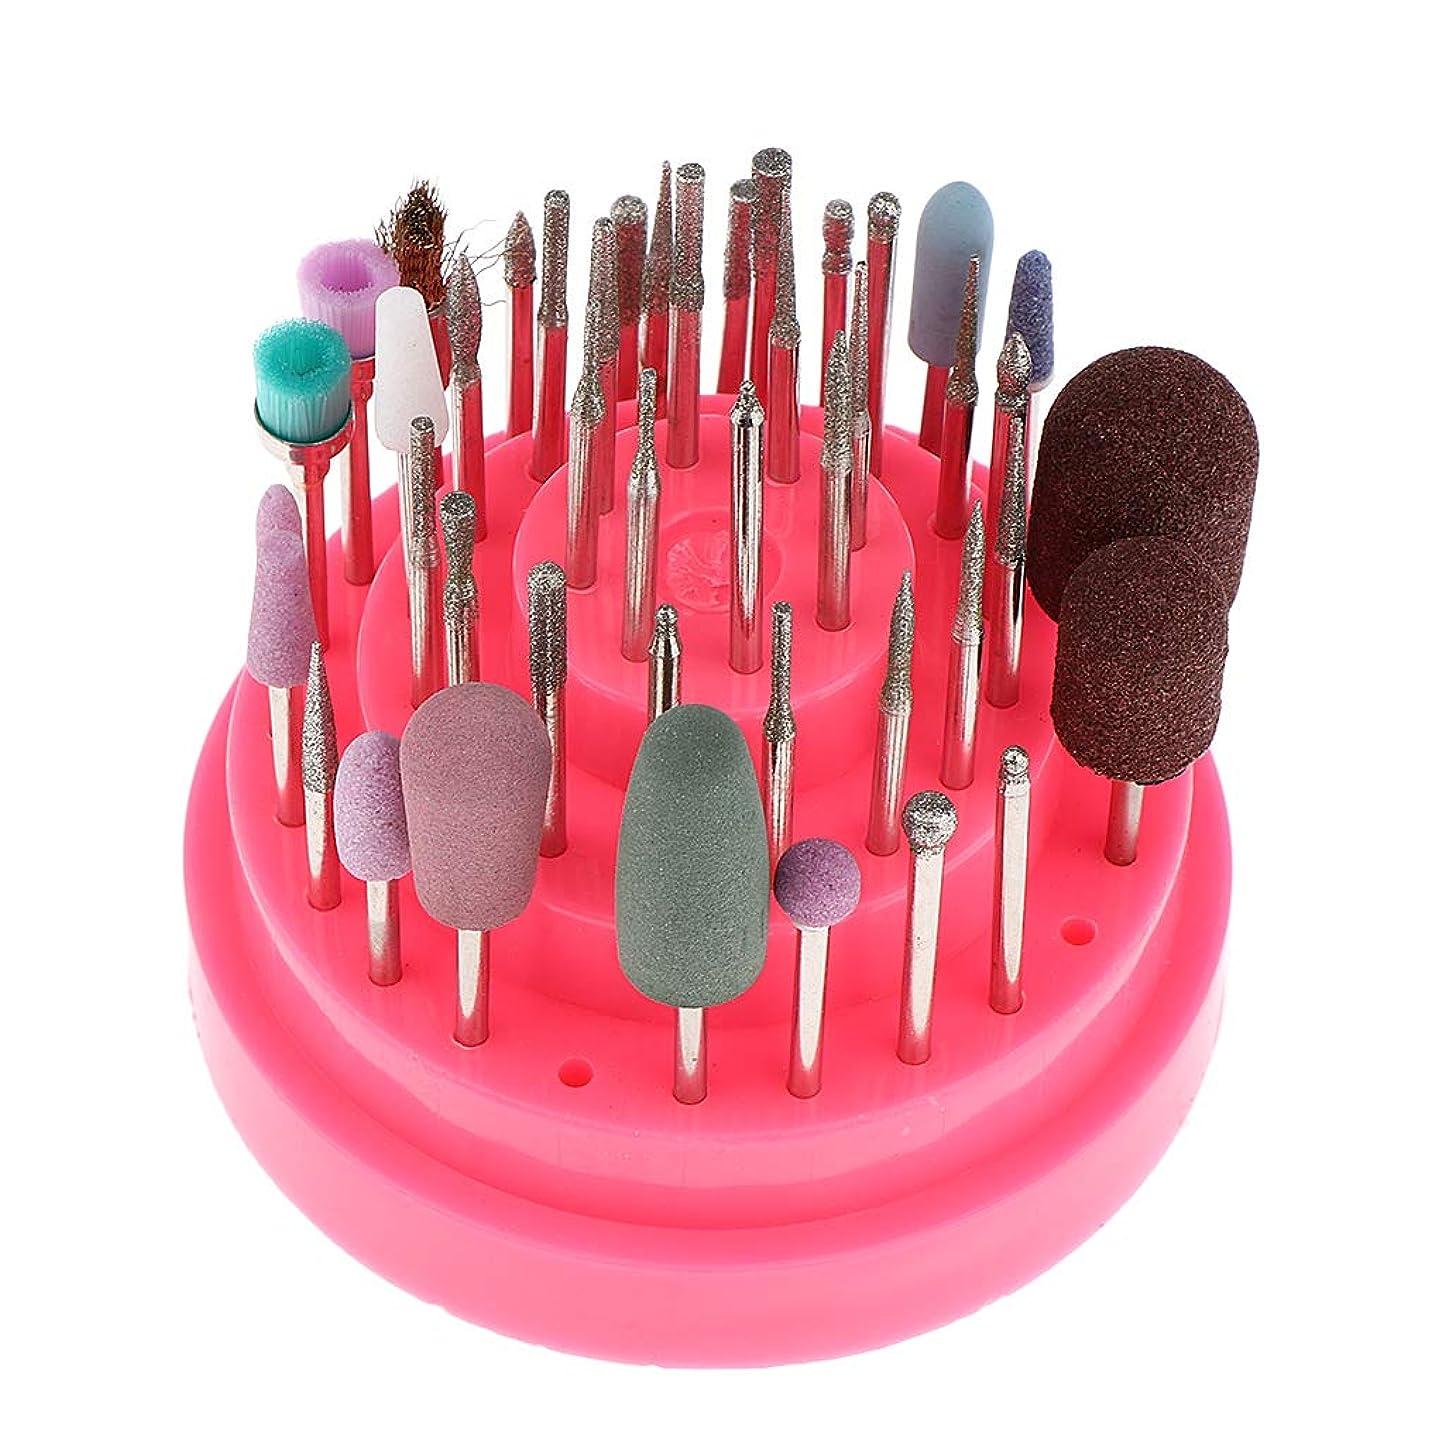 同等の薄汚い台無しに専門の釘の先端の粉砕の頭部のタングステンの釘の穴あけ工具セット - ピンク